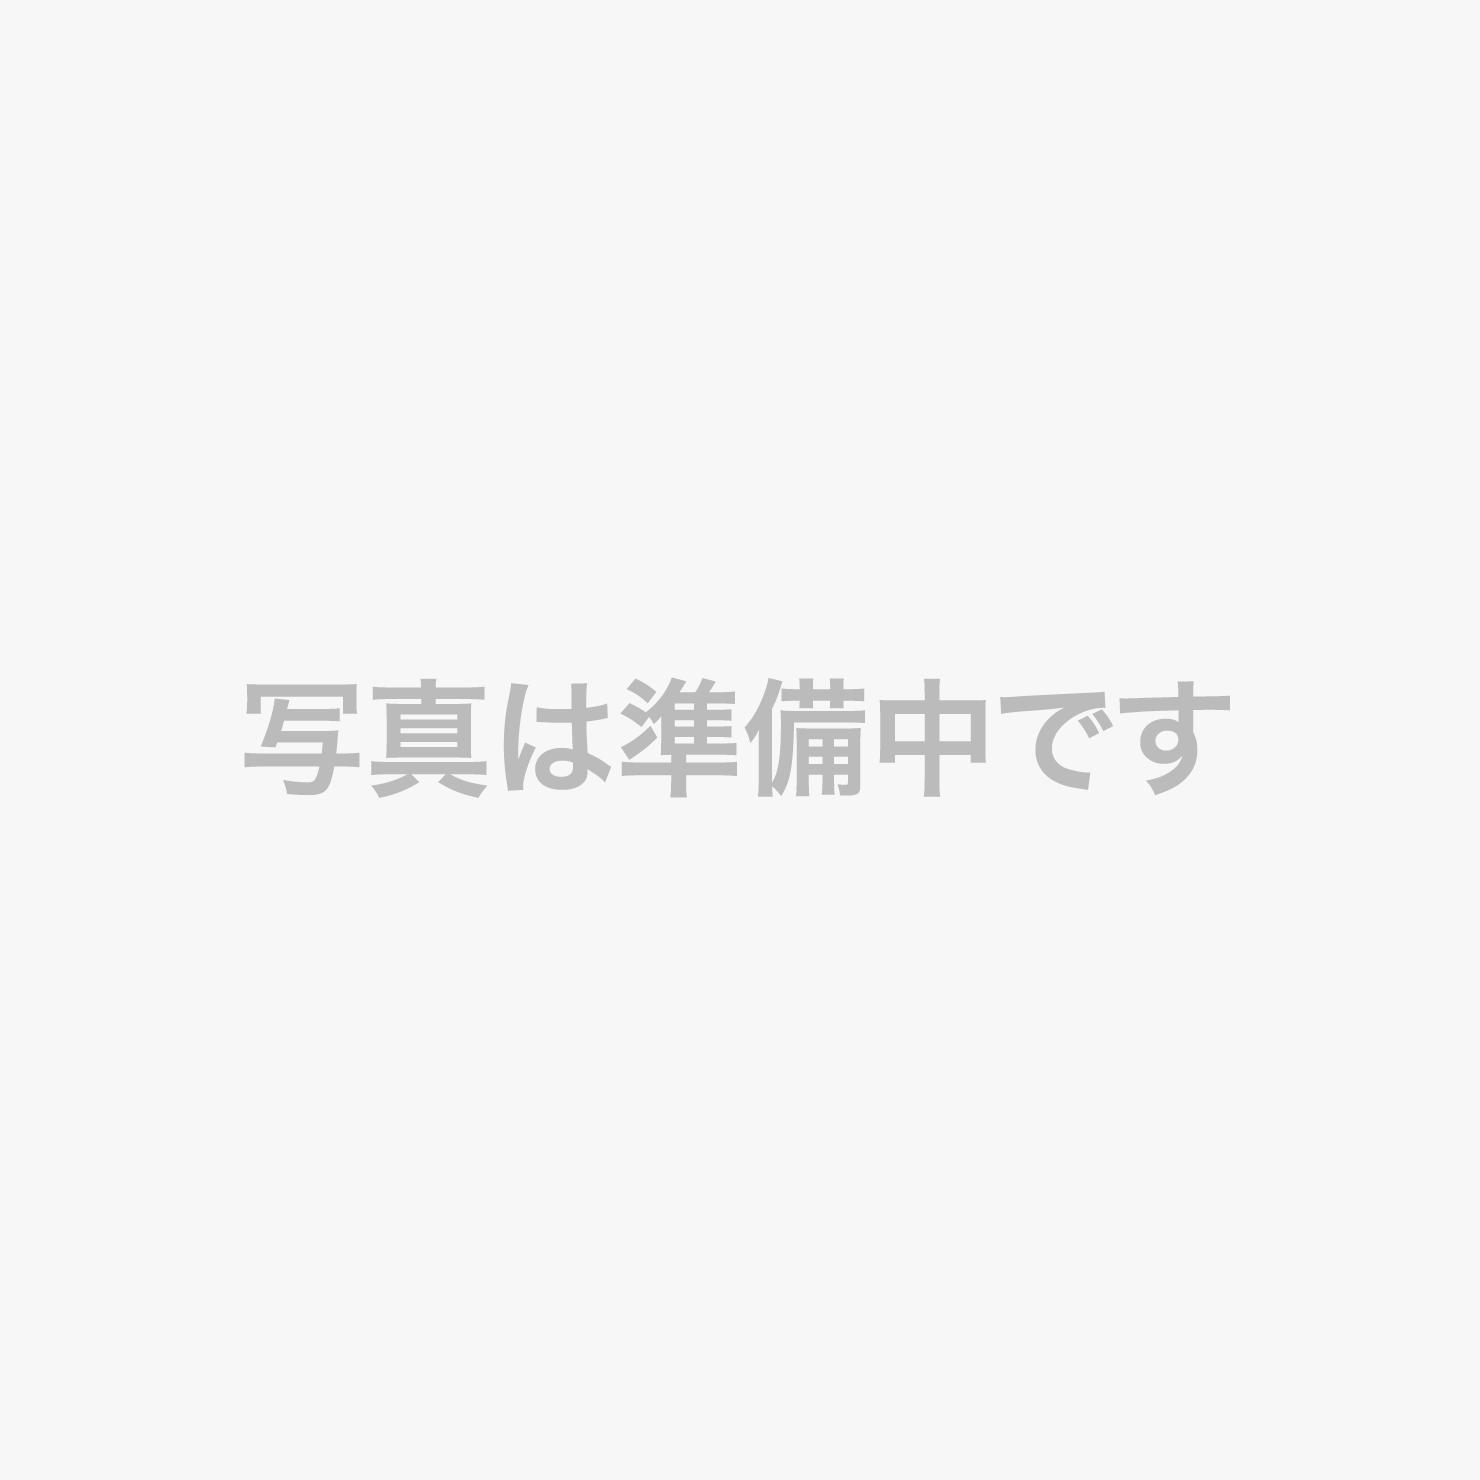 【ロイヤルグランシャリオ】ロティサリーオーブン/ライブキッチン洋食